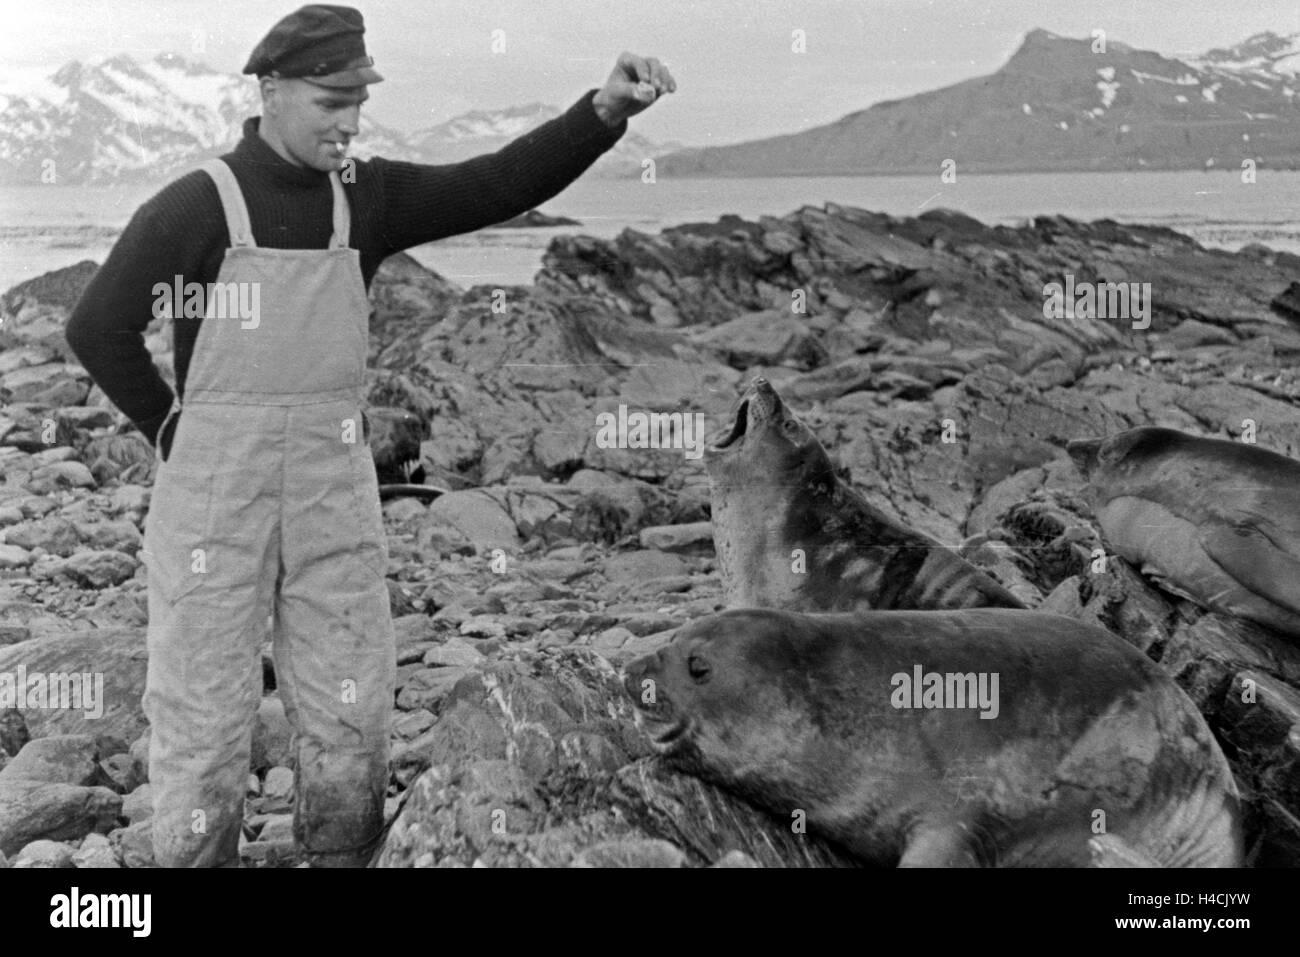 Einer der Männer der Besatung des Walfangfabrikschiffs 'Jan Wellem'füttert Walrösser auf - Stock Image